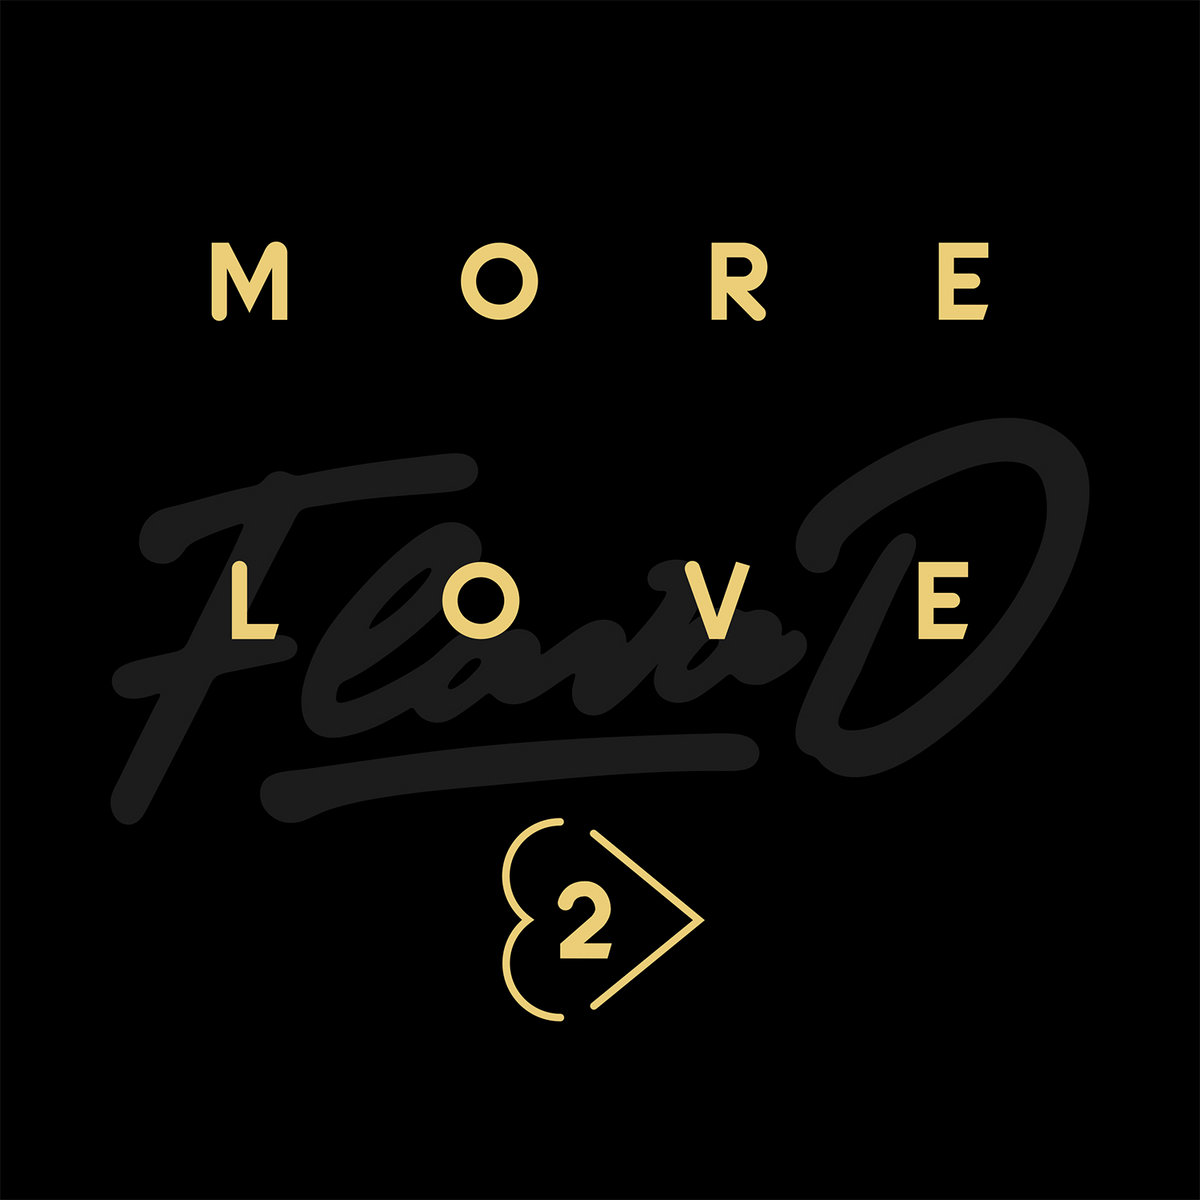 More Love 2 Flava D